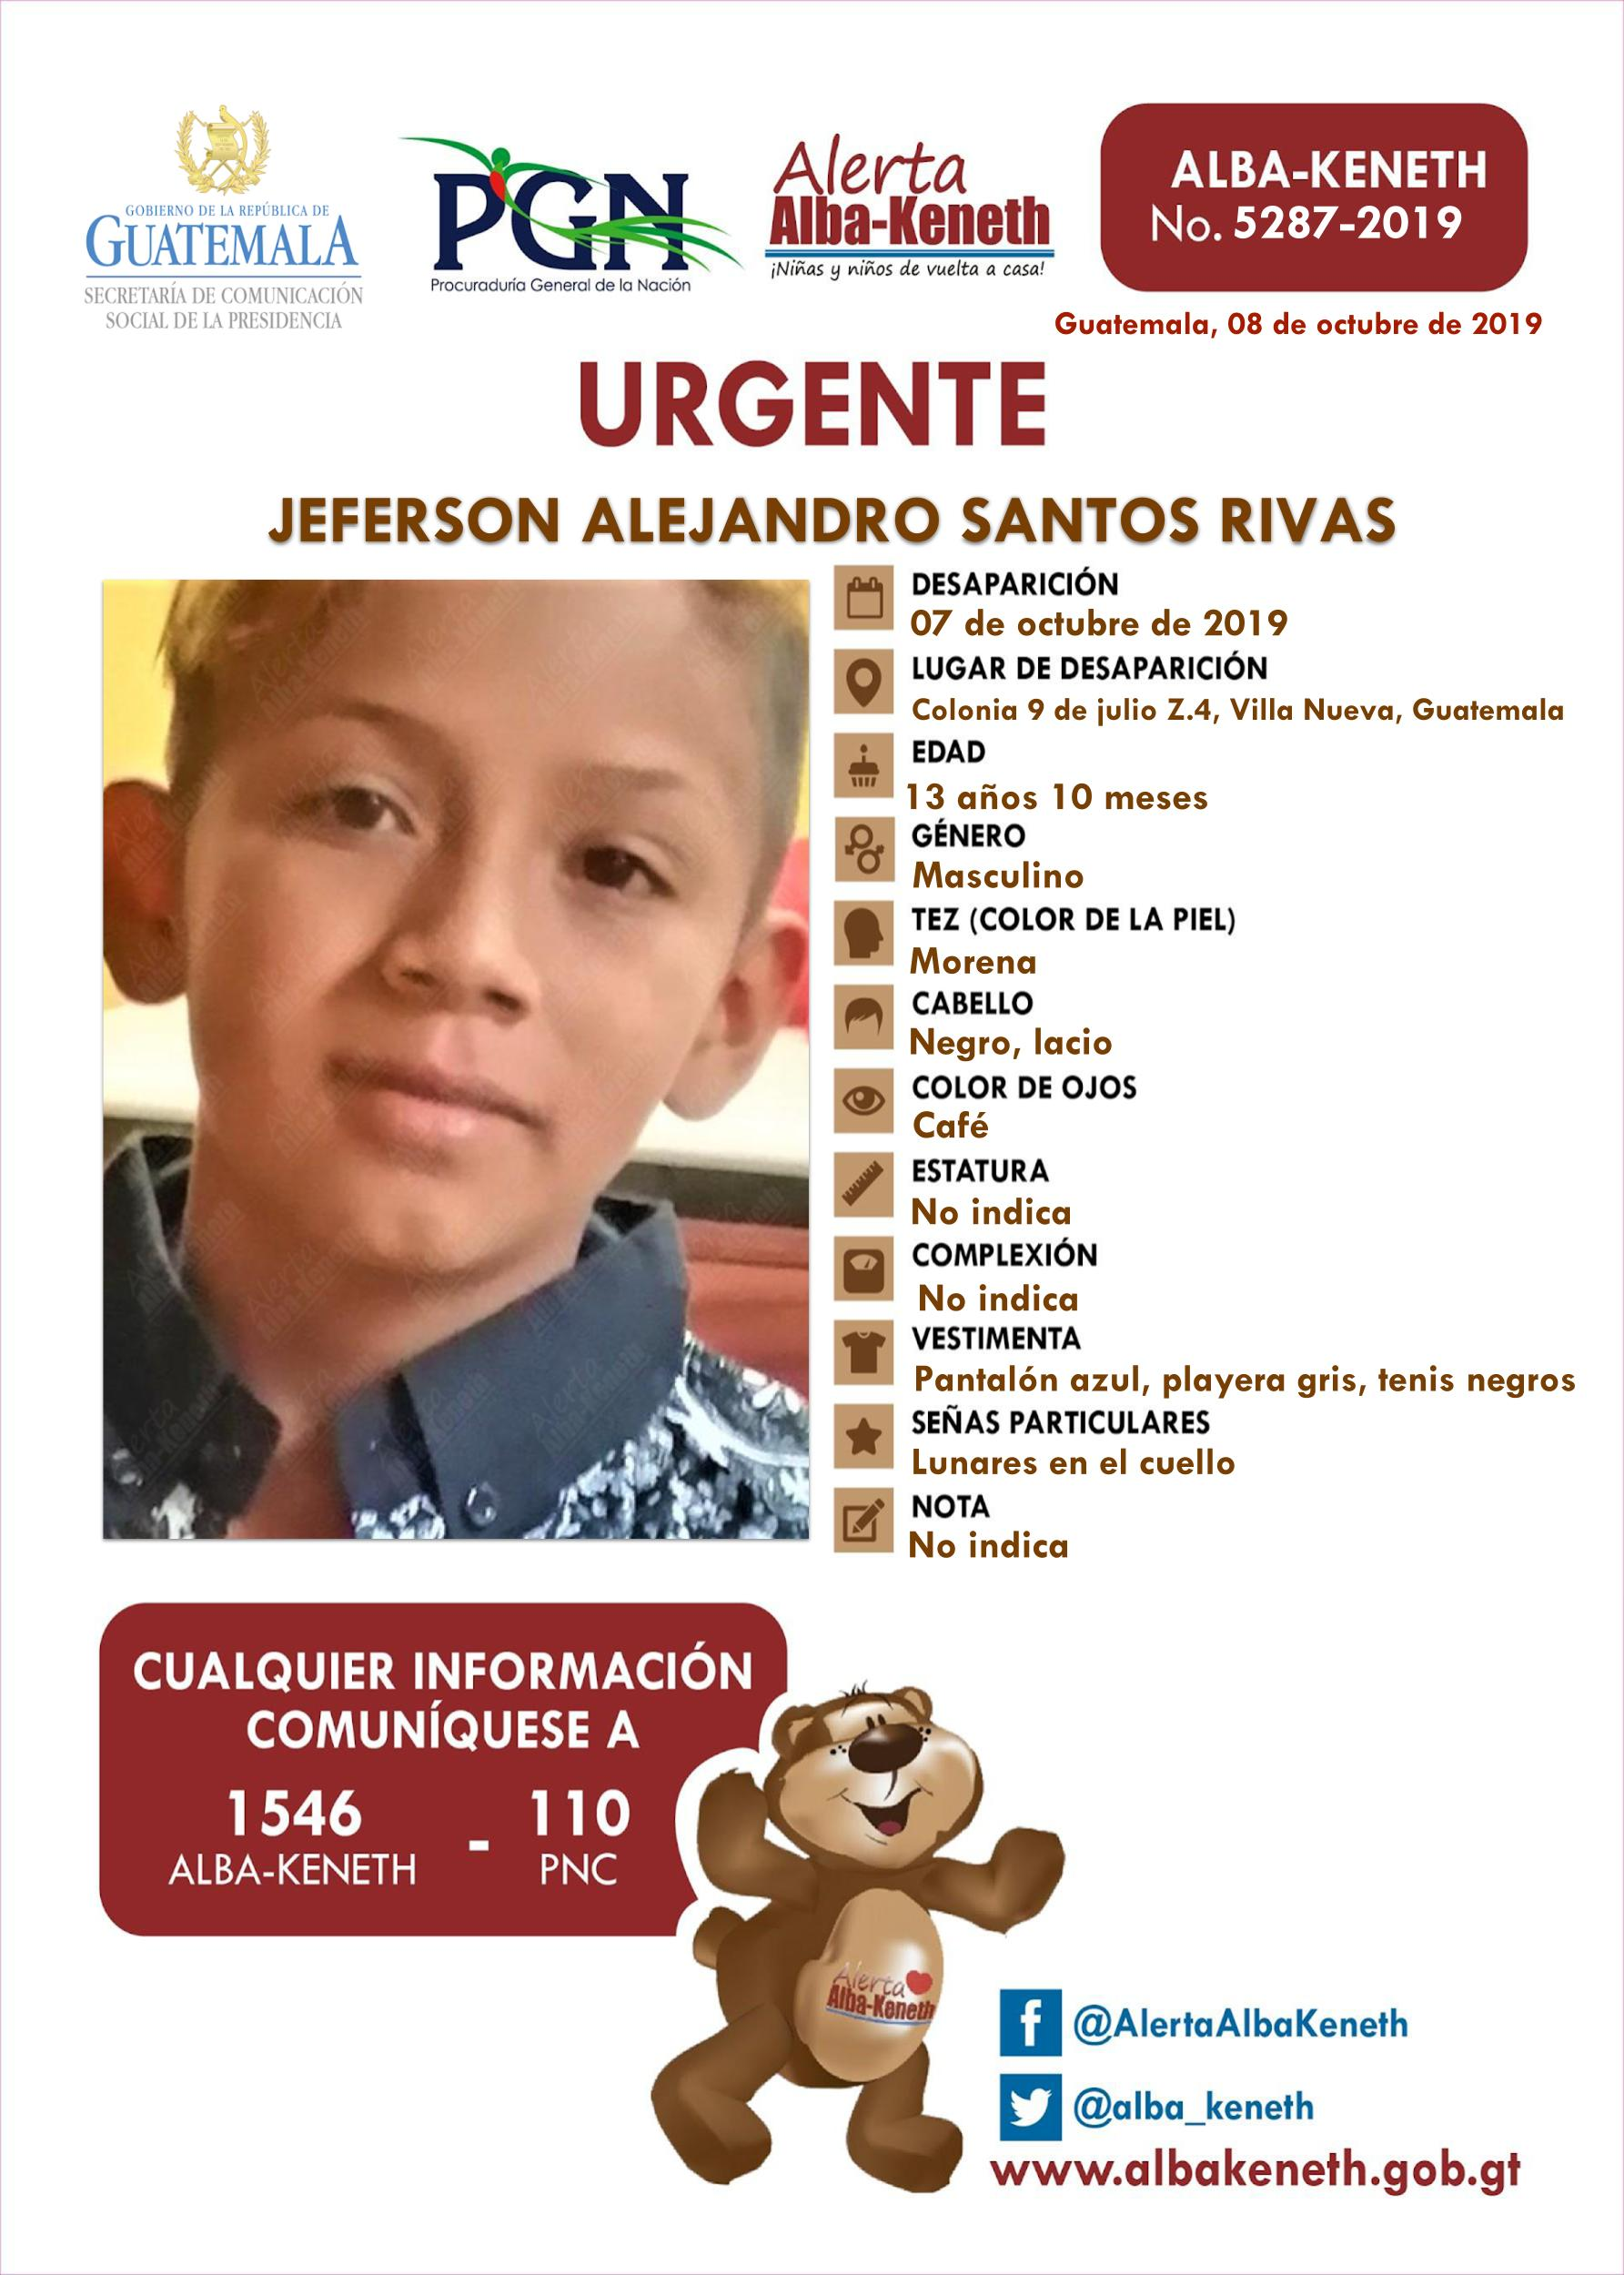 Jeferson Alejandro Santos Rivas